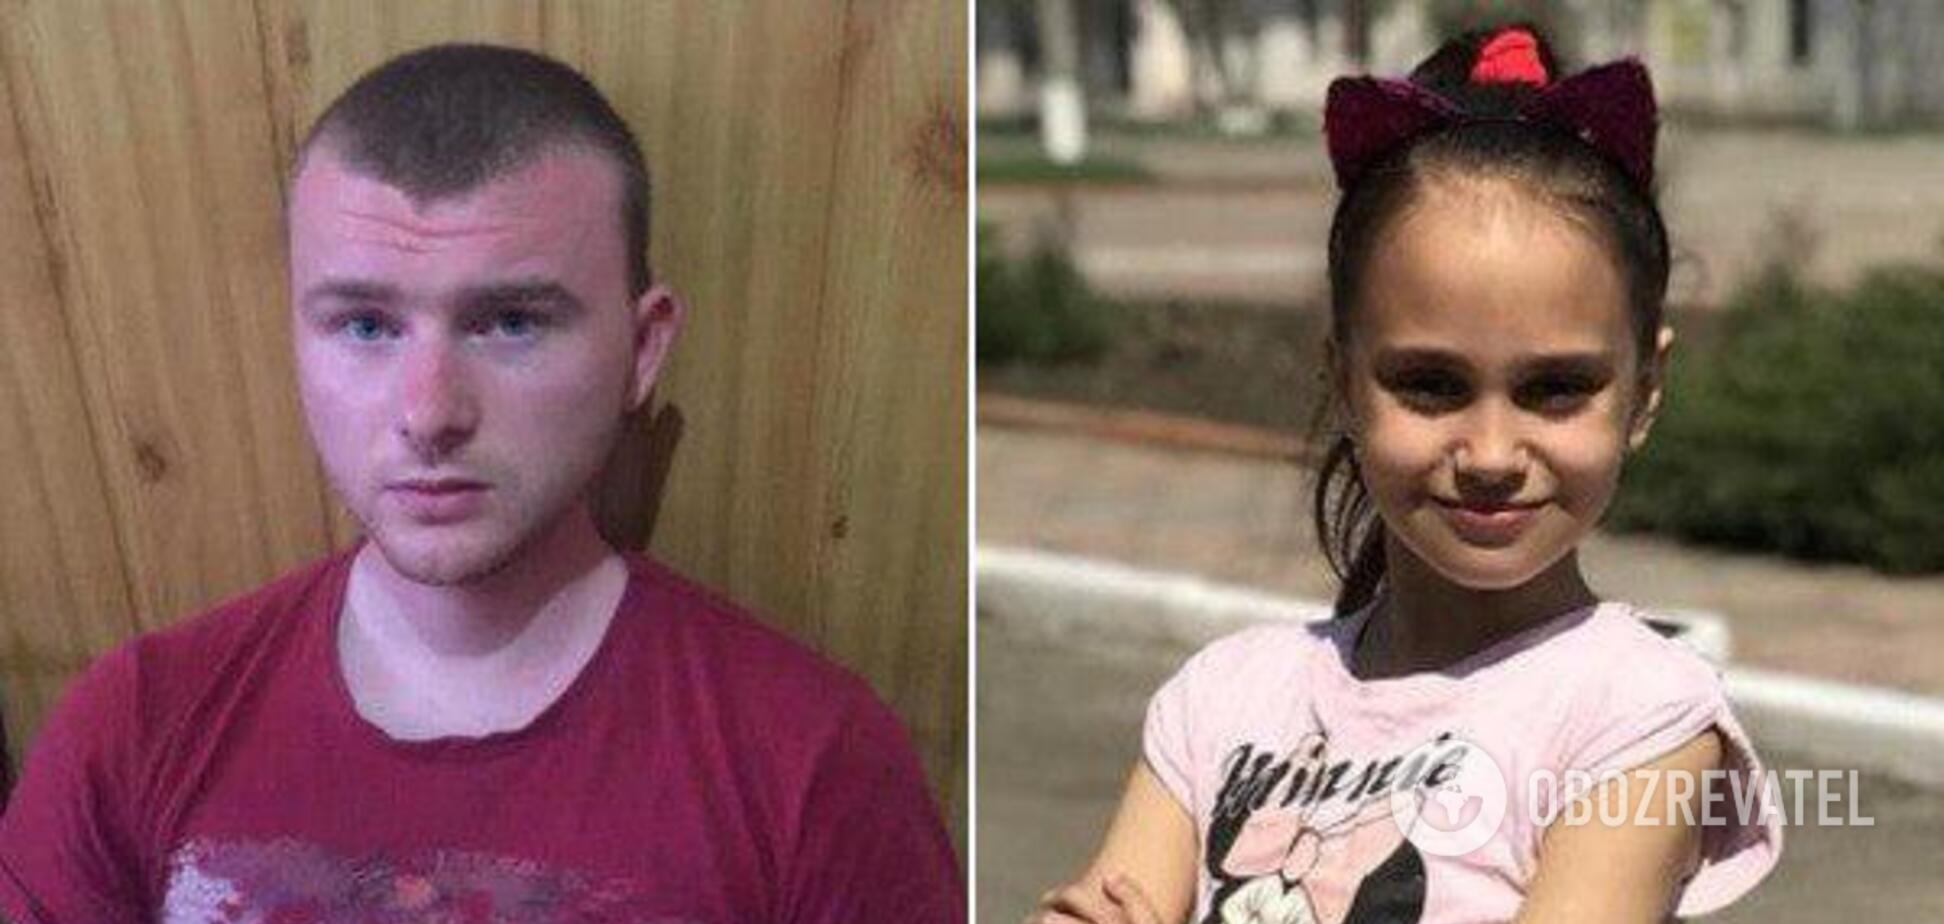 'Привязал камни, колол ножом': всплыли жуткие подробности убийства 11-летней девочки на Одесщине